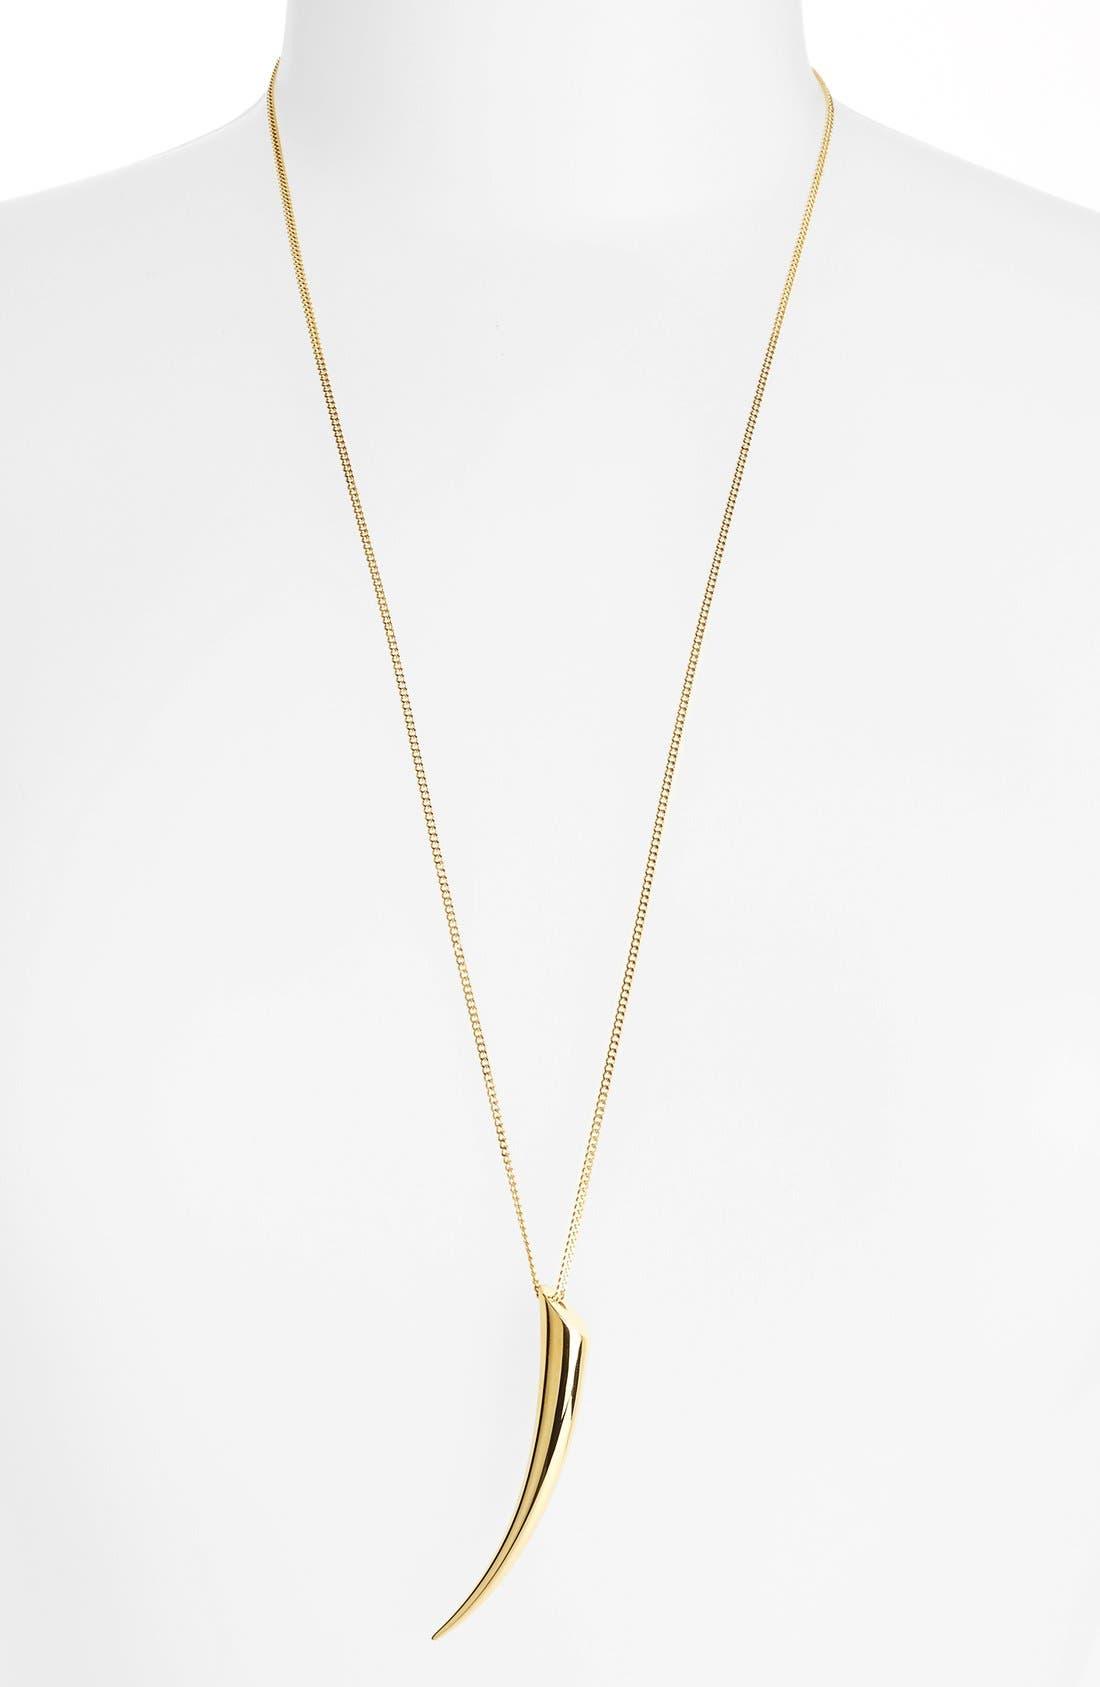 Main Image - Michael Kors Horn Pendant Necklace